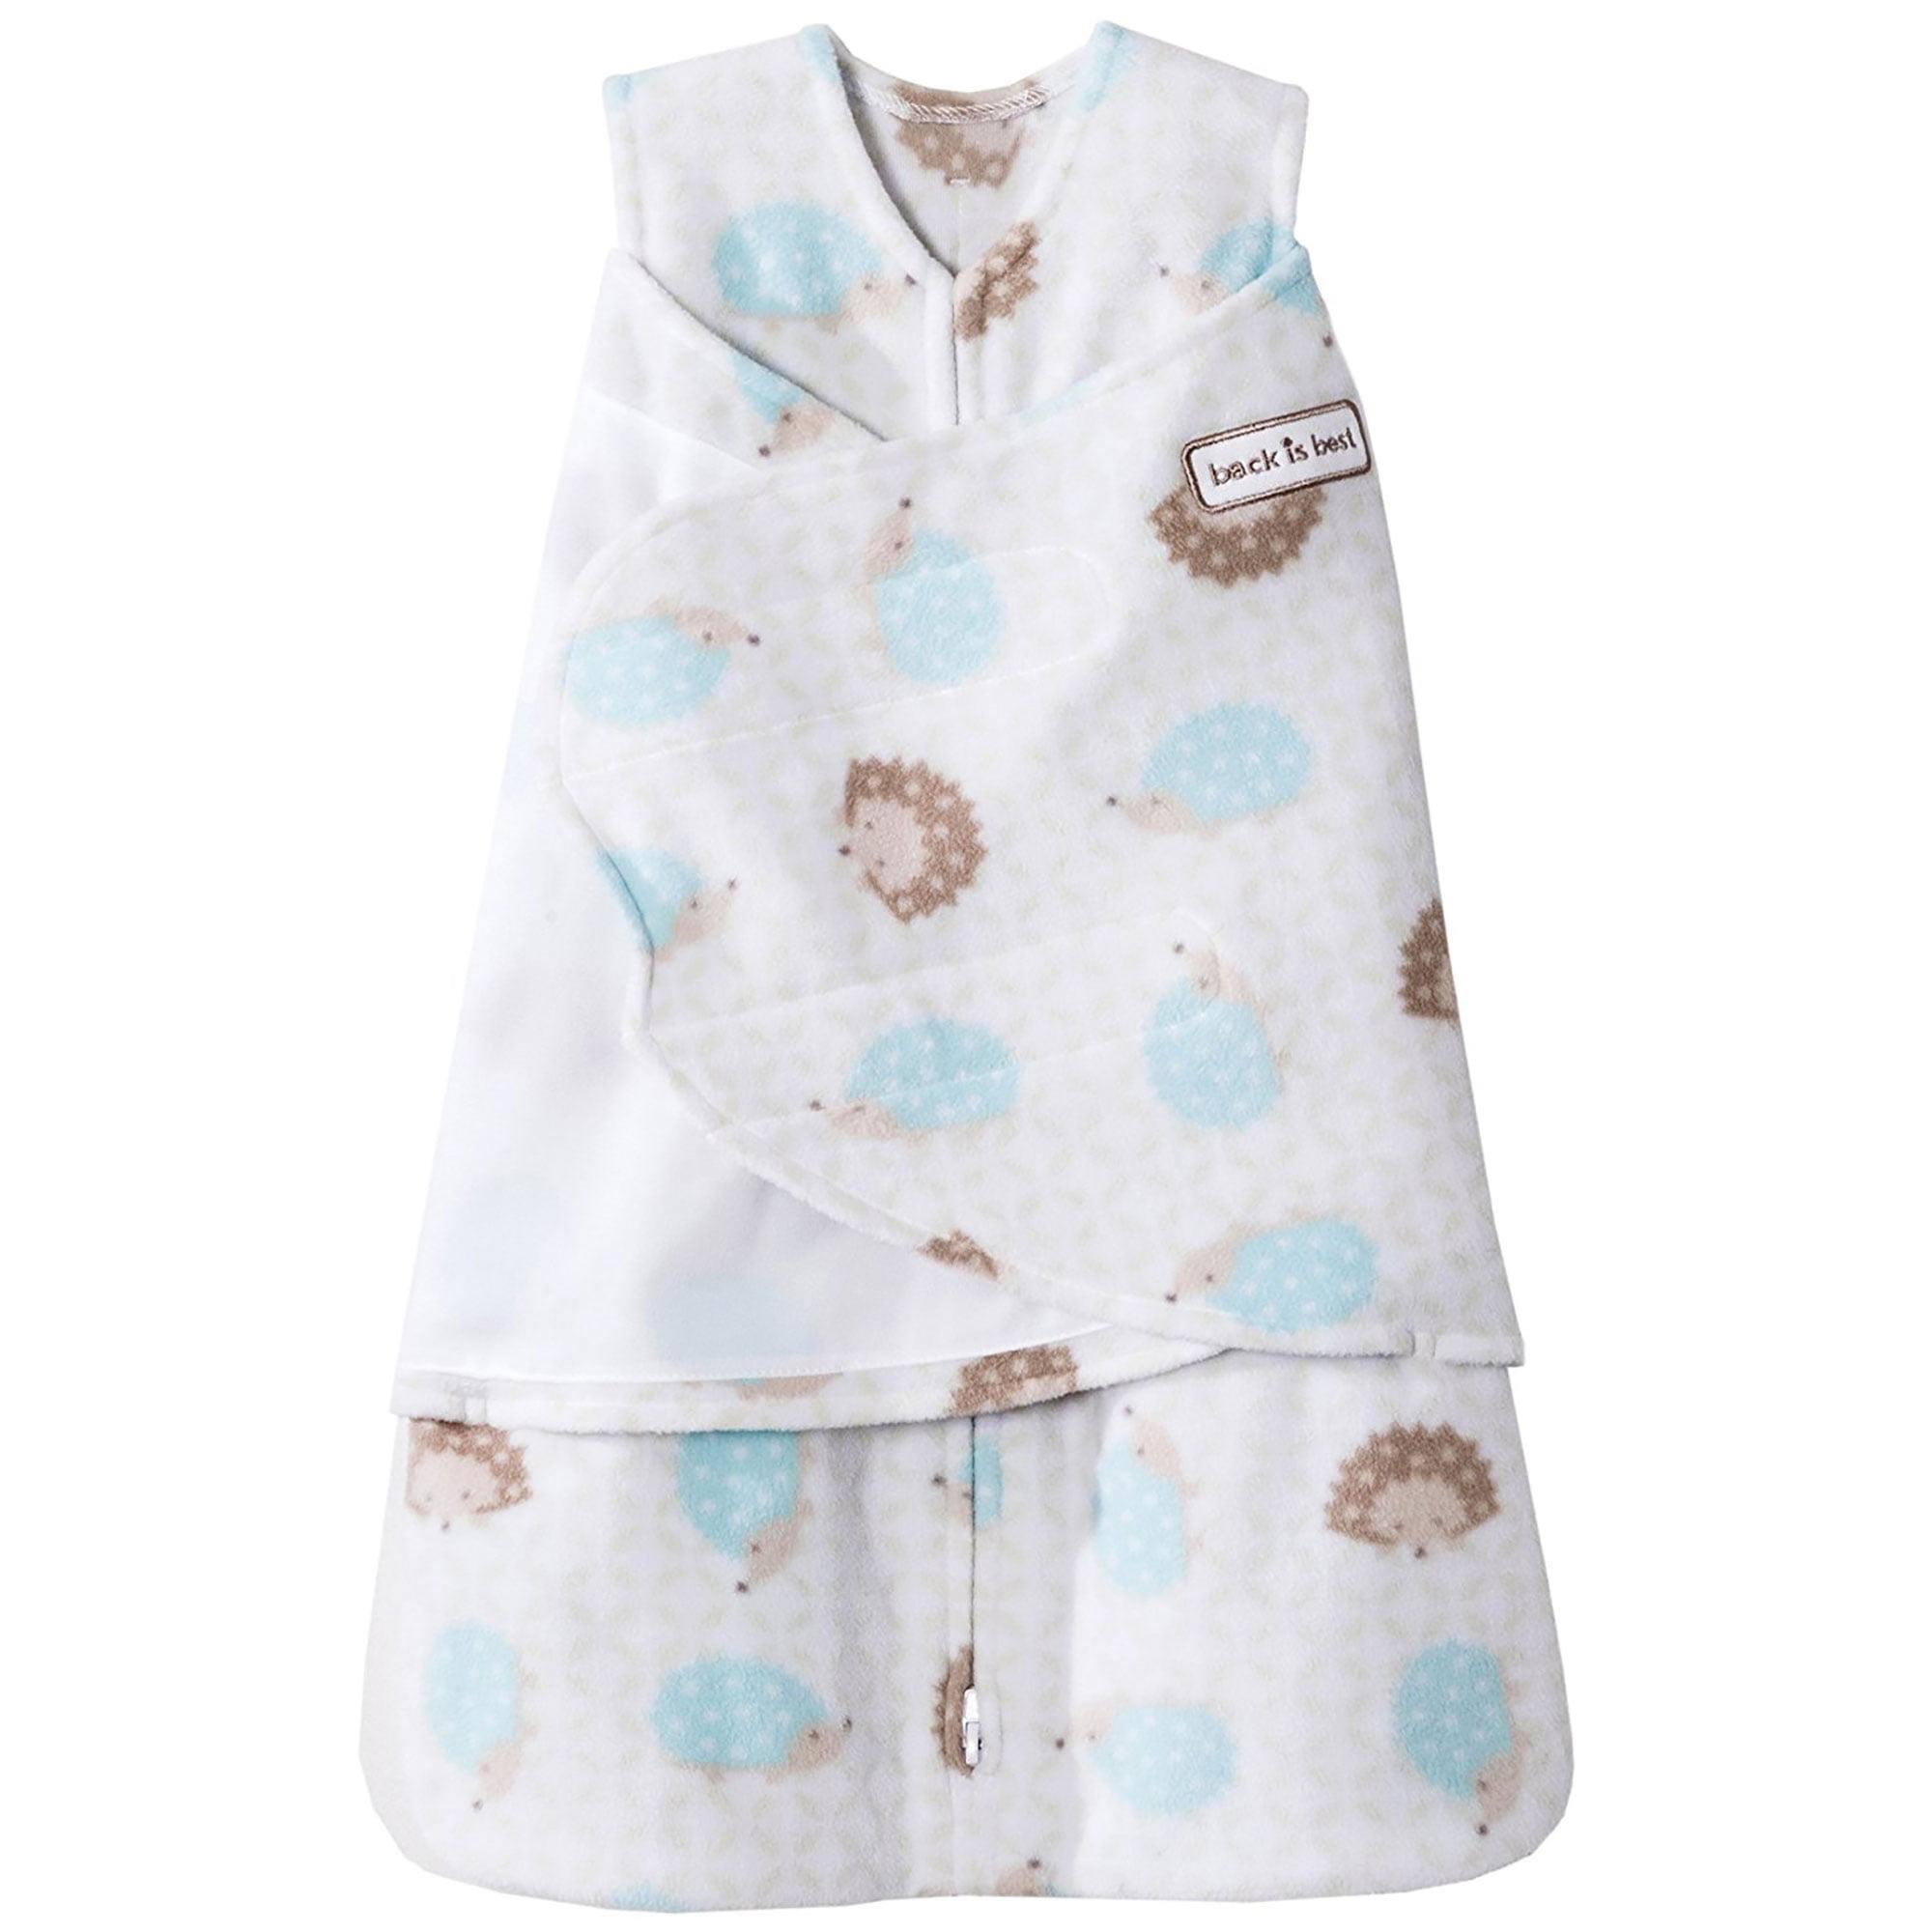 HALO Baby SleepSack Micro-Fleece Swaddle, Blue/Tan Hedgehog, Small